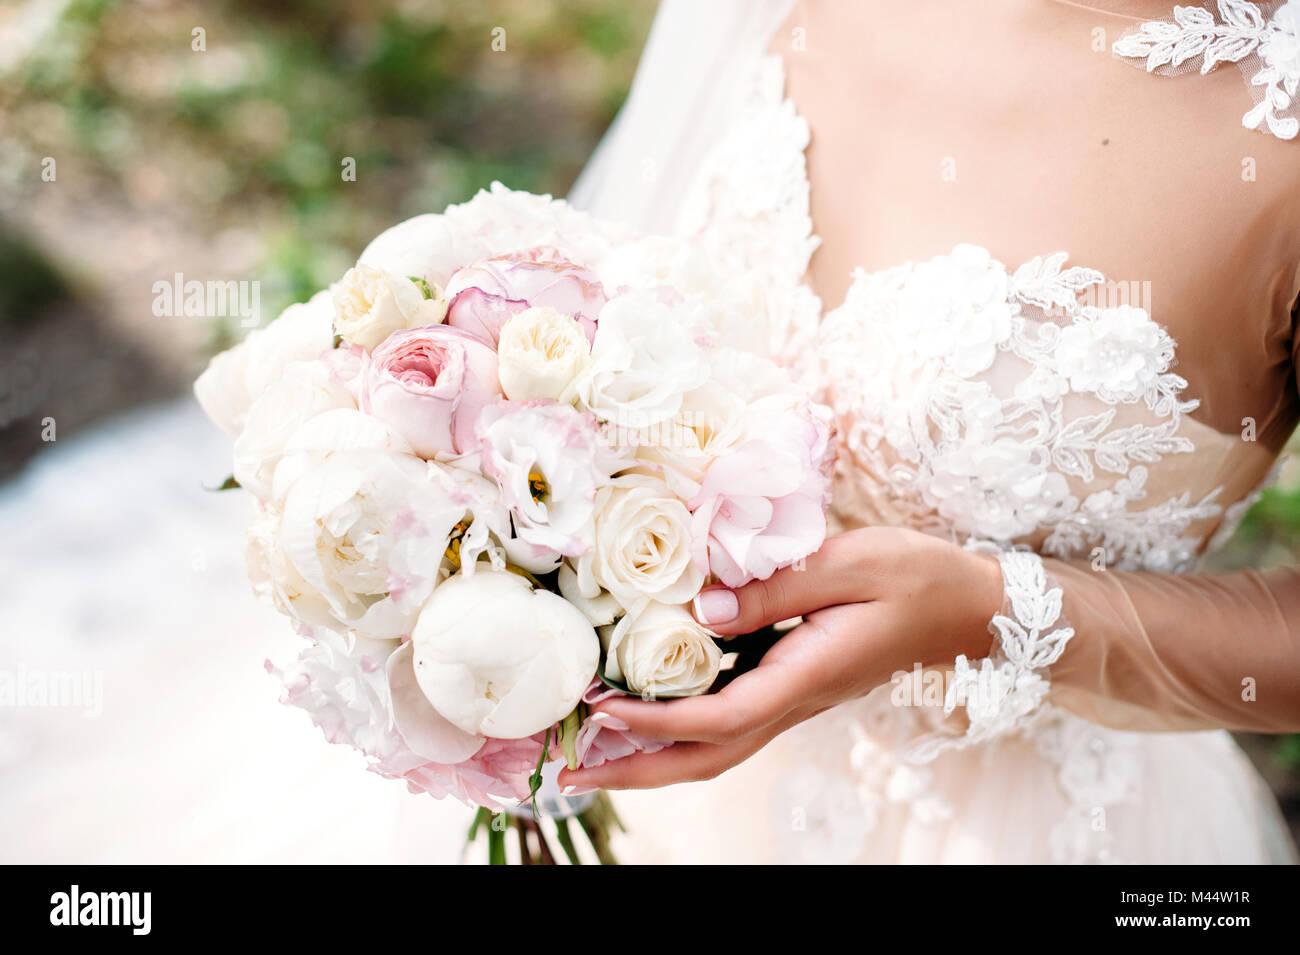 Bride holding bouquet pivoine mariage dans vos mains. Fleurs blanches et roses. Close-up Banque D'Images